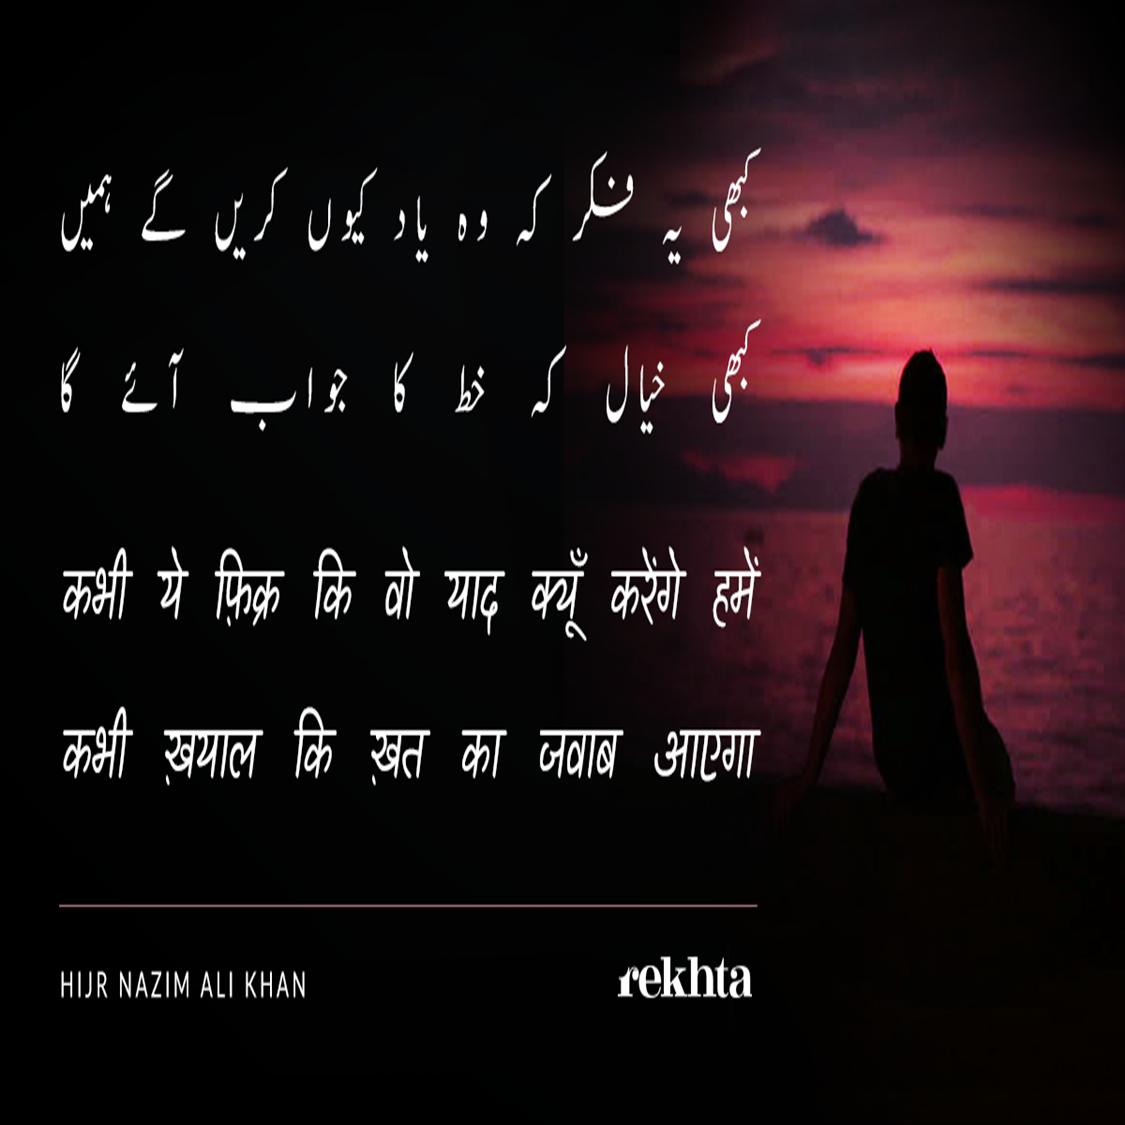 kabhii ye fikr ki vo yaad kyuu.n kare.nge hame.n-Hijr Nazim Ali Khan